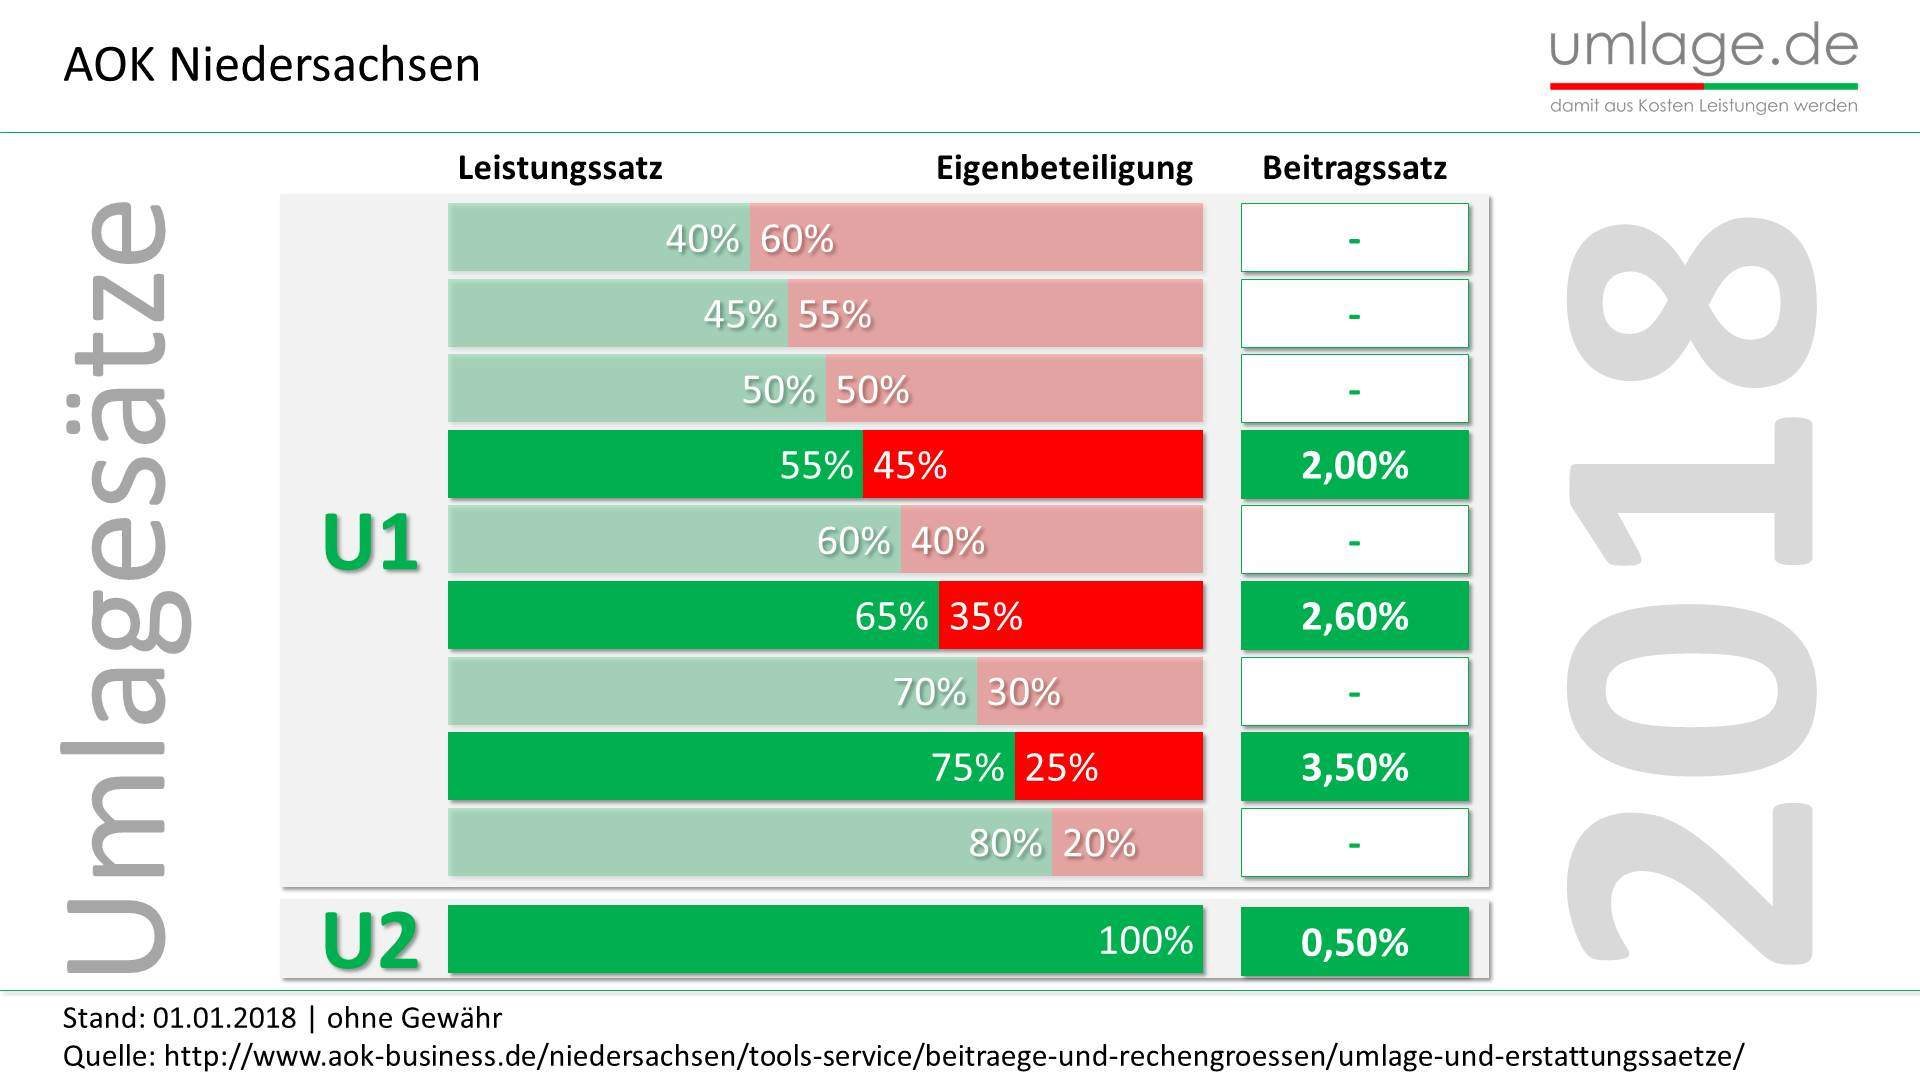 AOK Niedersachsen Umlagesätze 2018